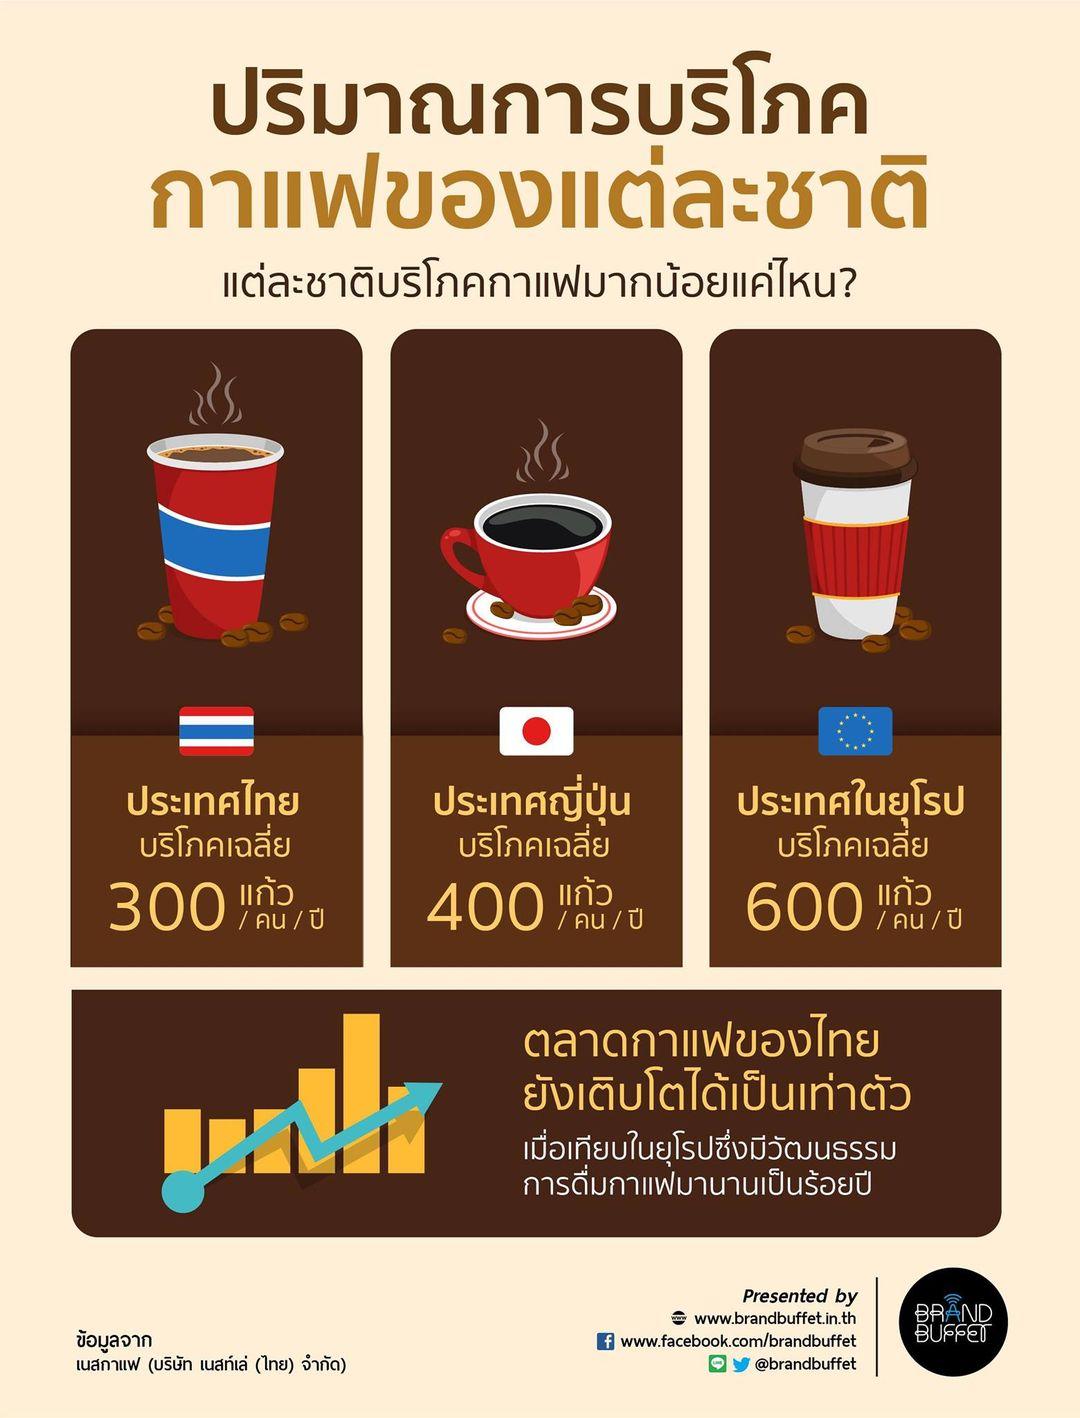 อัตราการบริโภคกาแฟ คนไทย